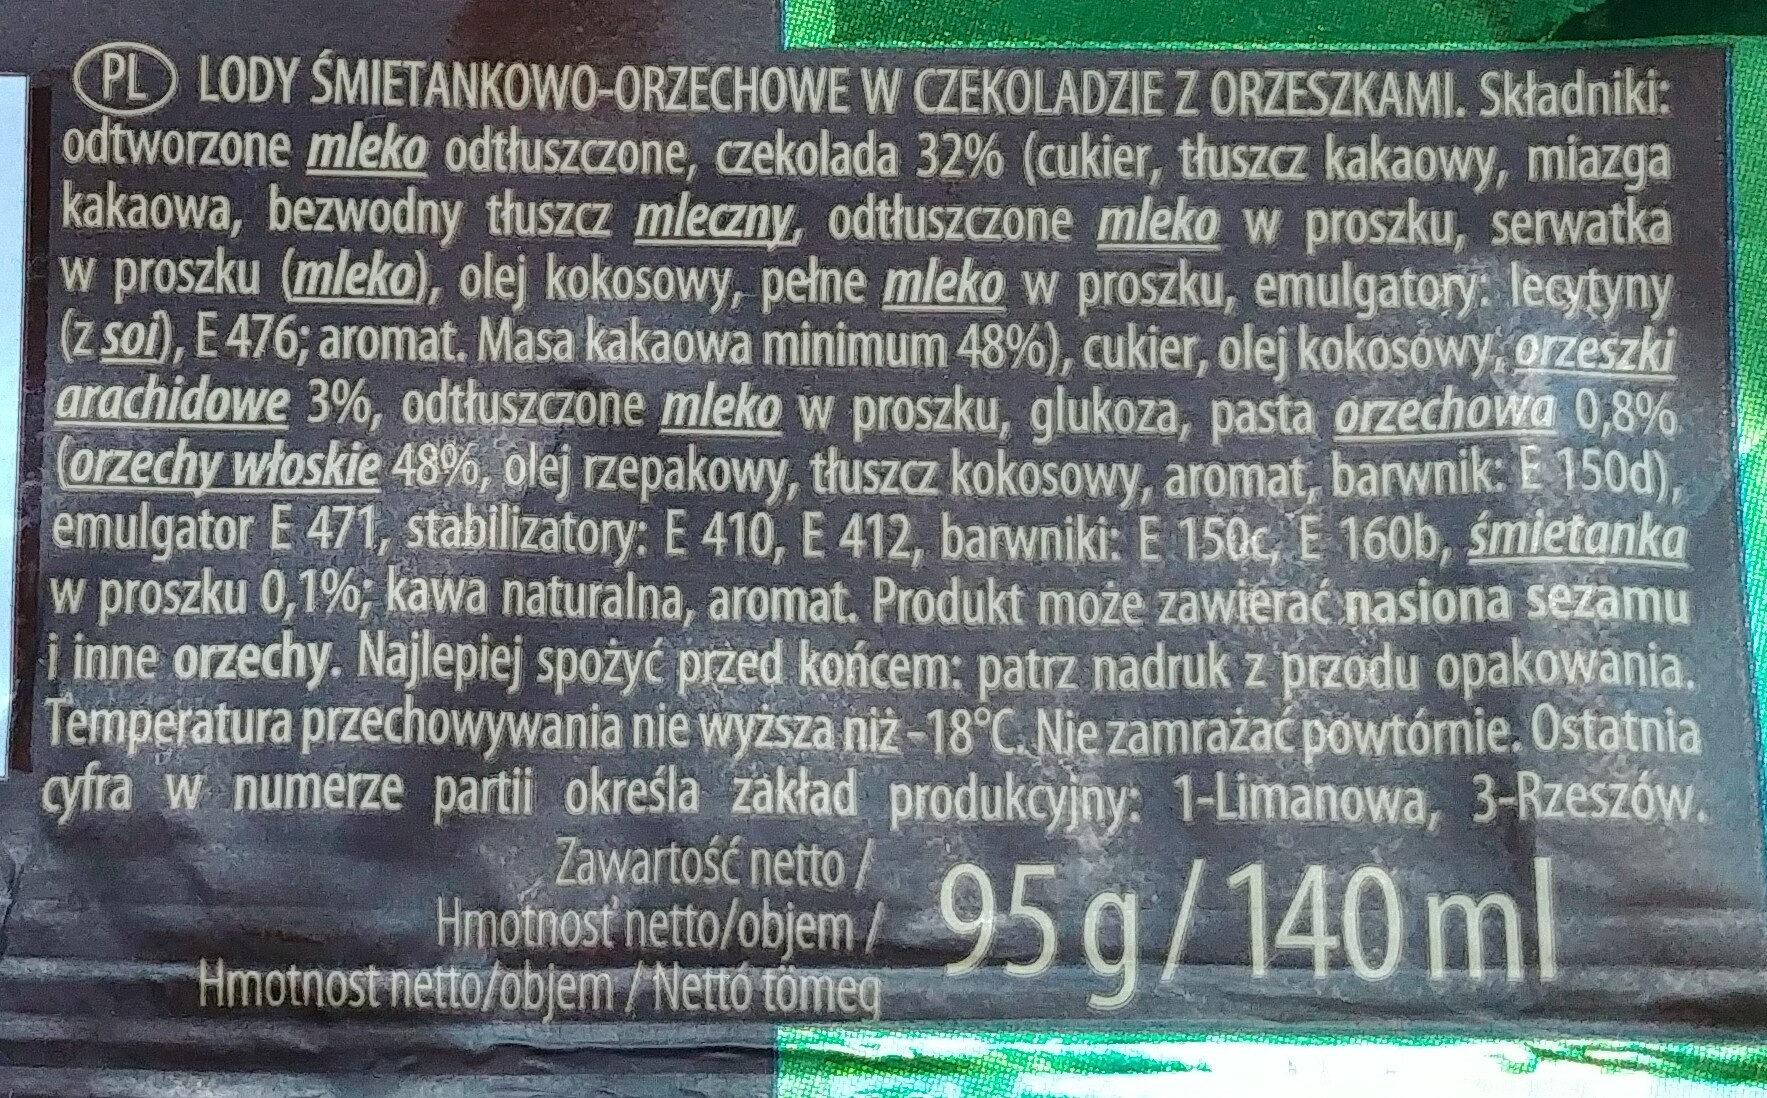 Lody śmietankowo-orzechowe w czekoladzie z orzeszkami. - Składniki - pl